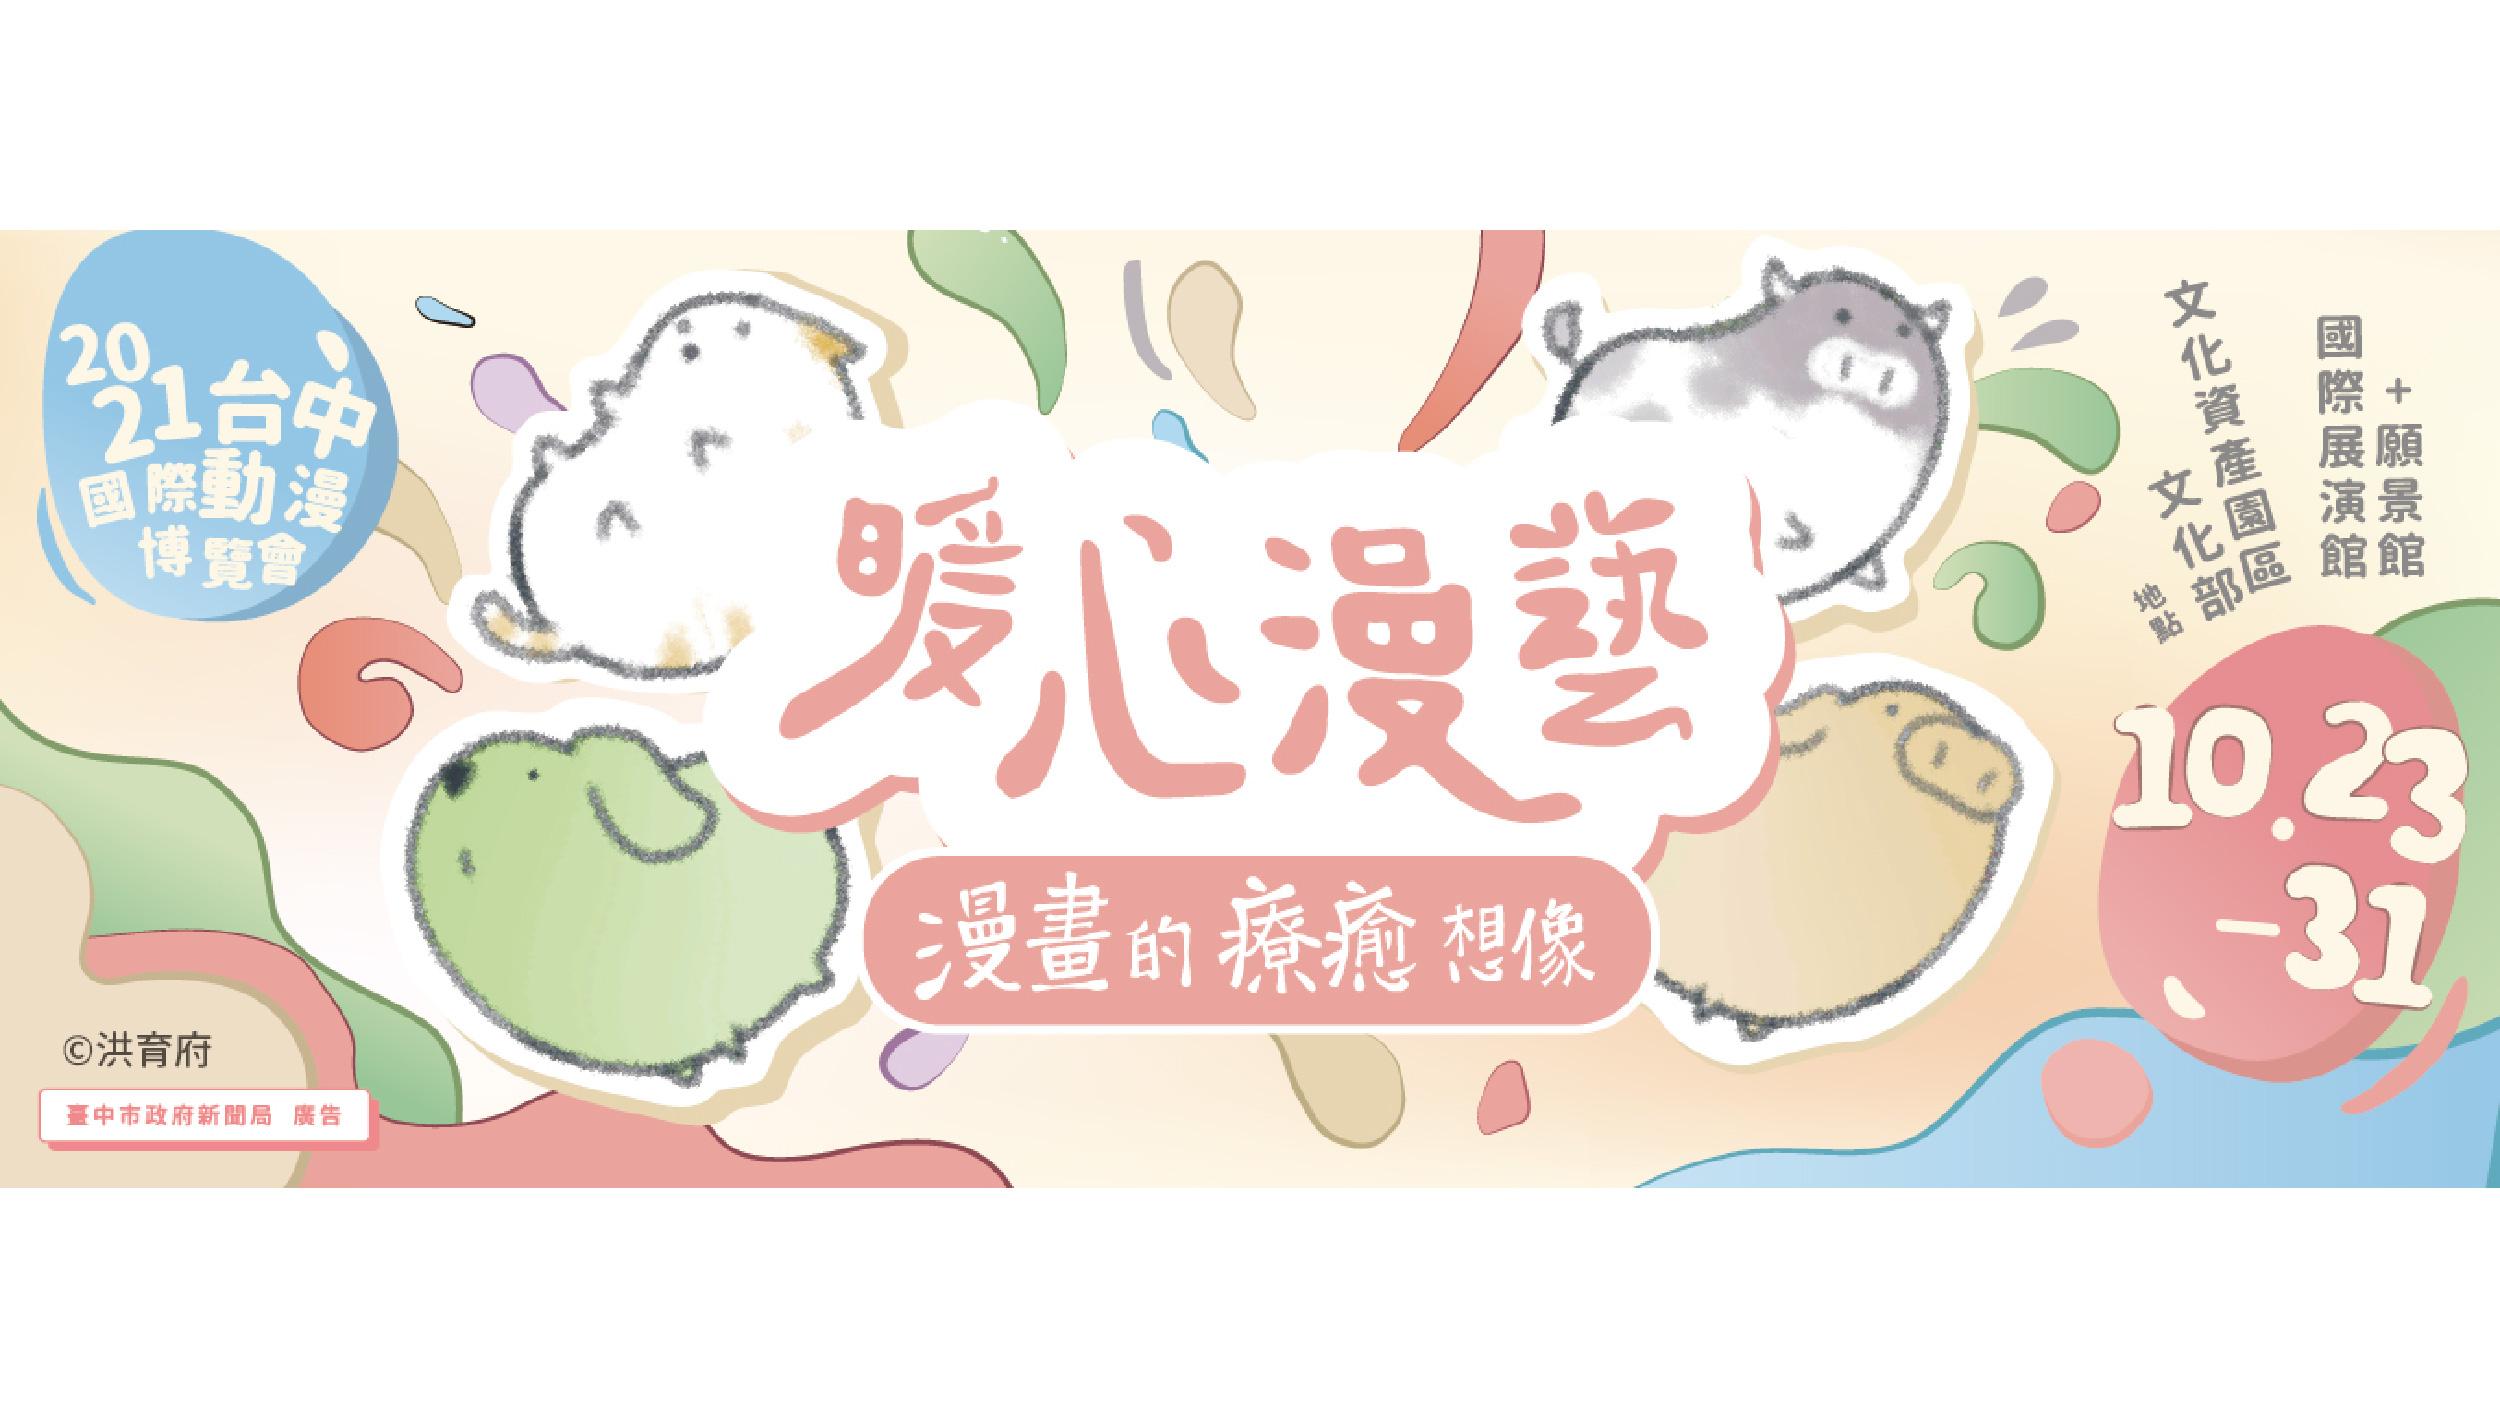 台中國際動漫博覽會10月23日開幕~漫畫的療癒想像~